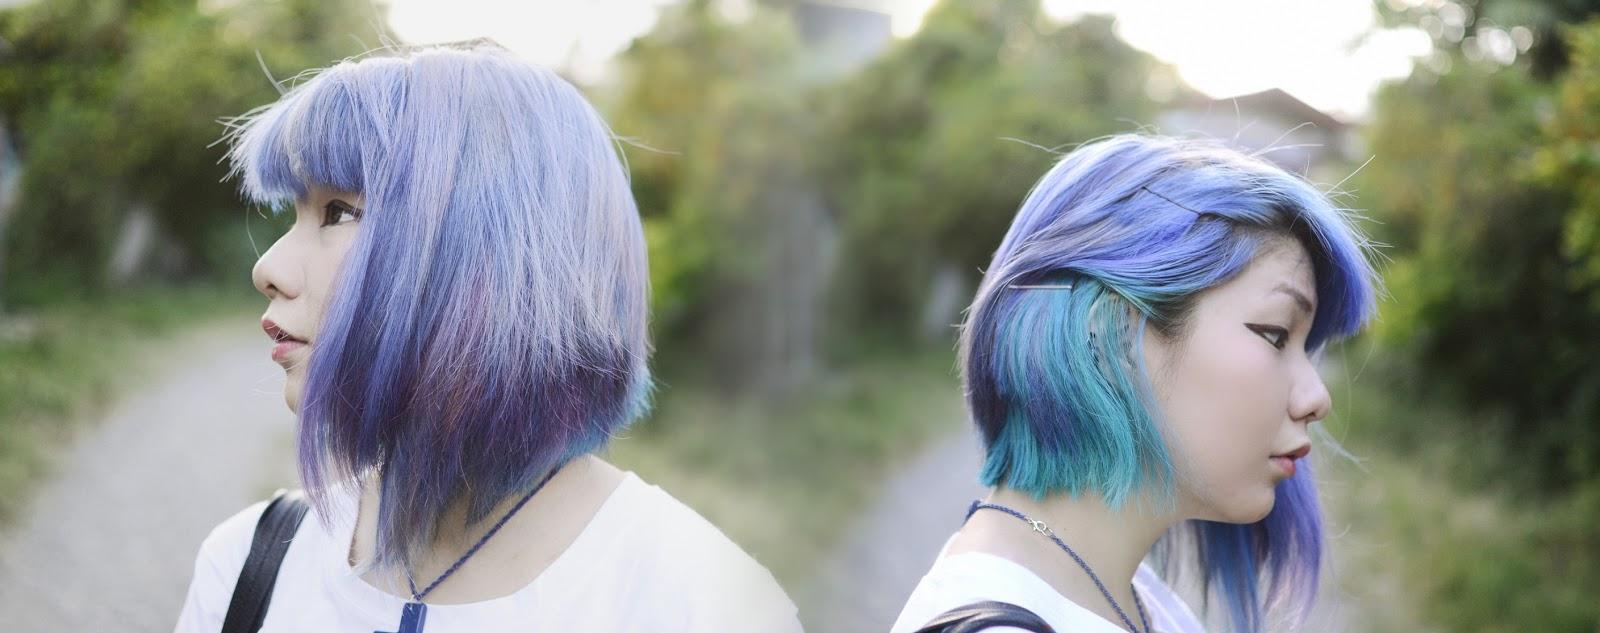 Faq Mermaid Hair Dyed Hair Colored Hair Pastel Hair